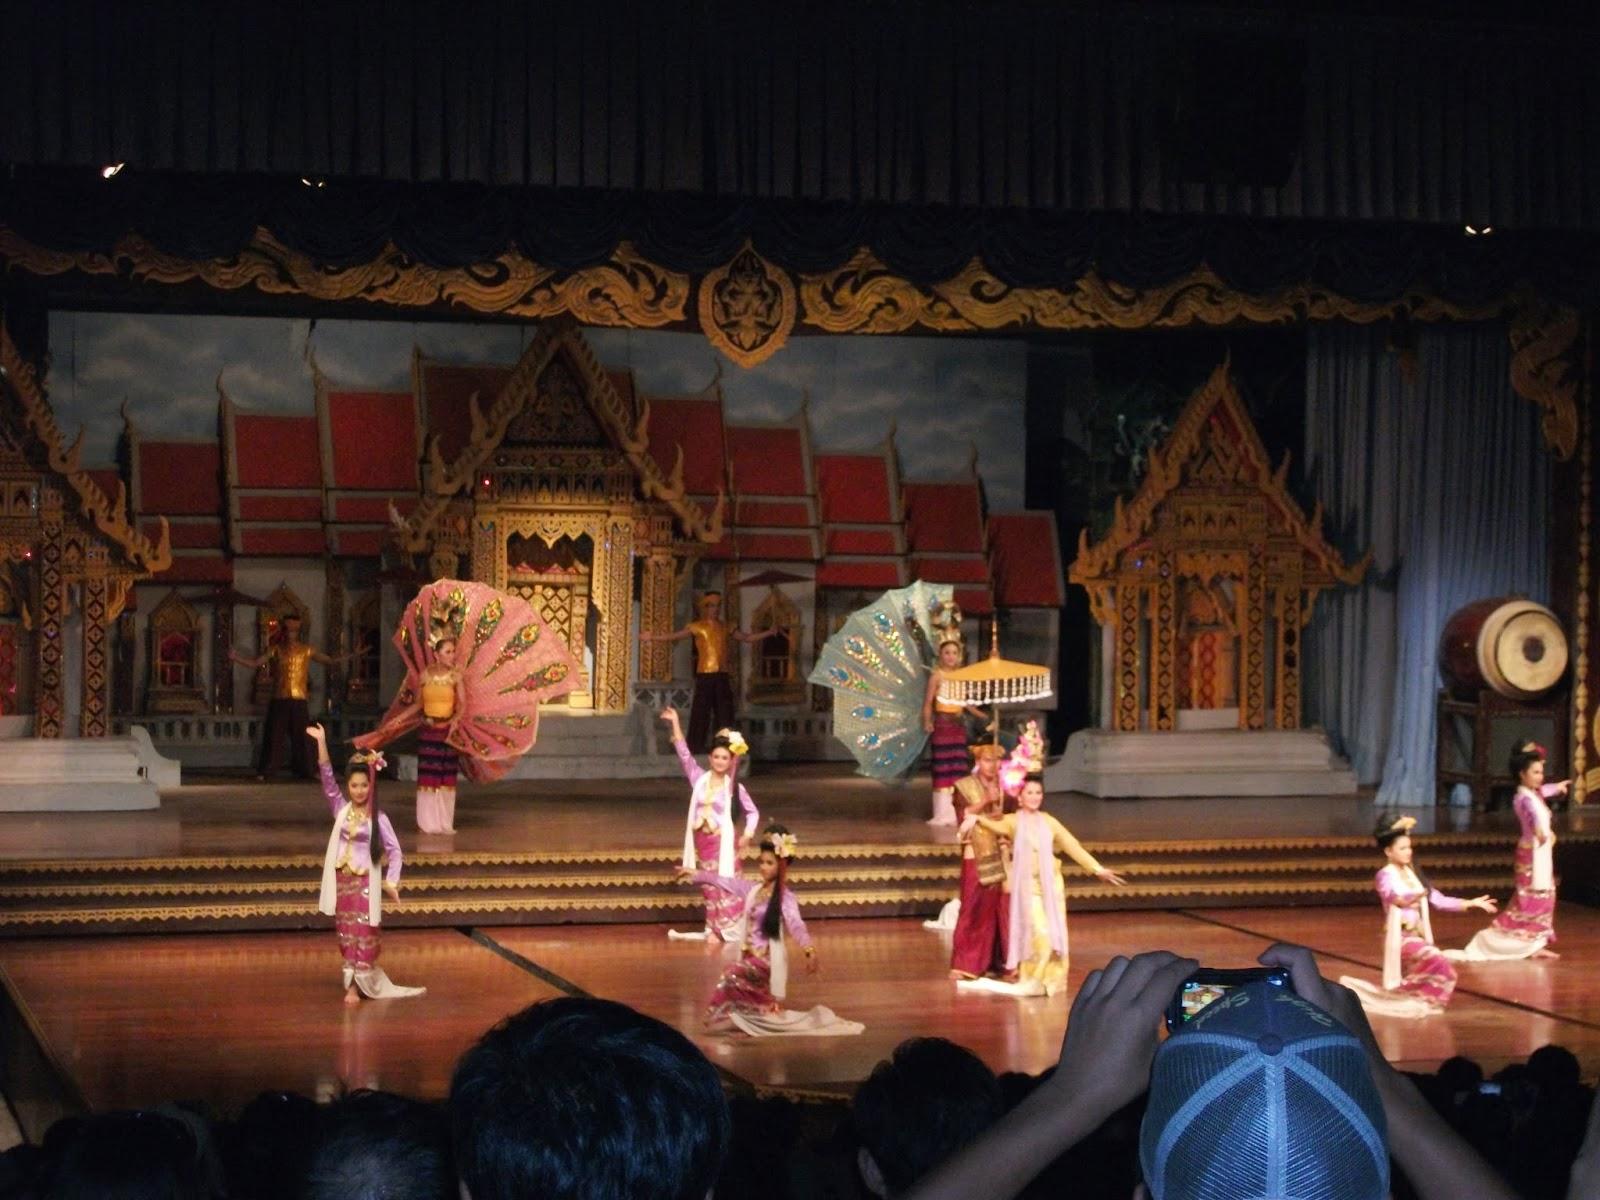 Thai culture art show